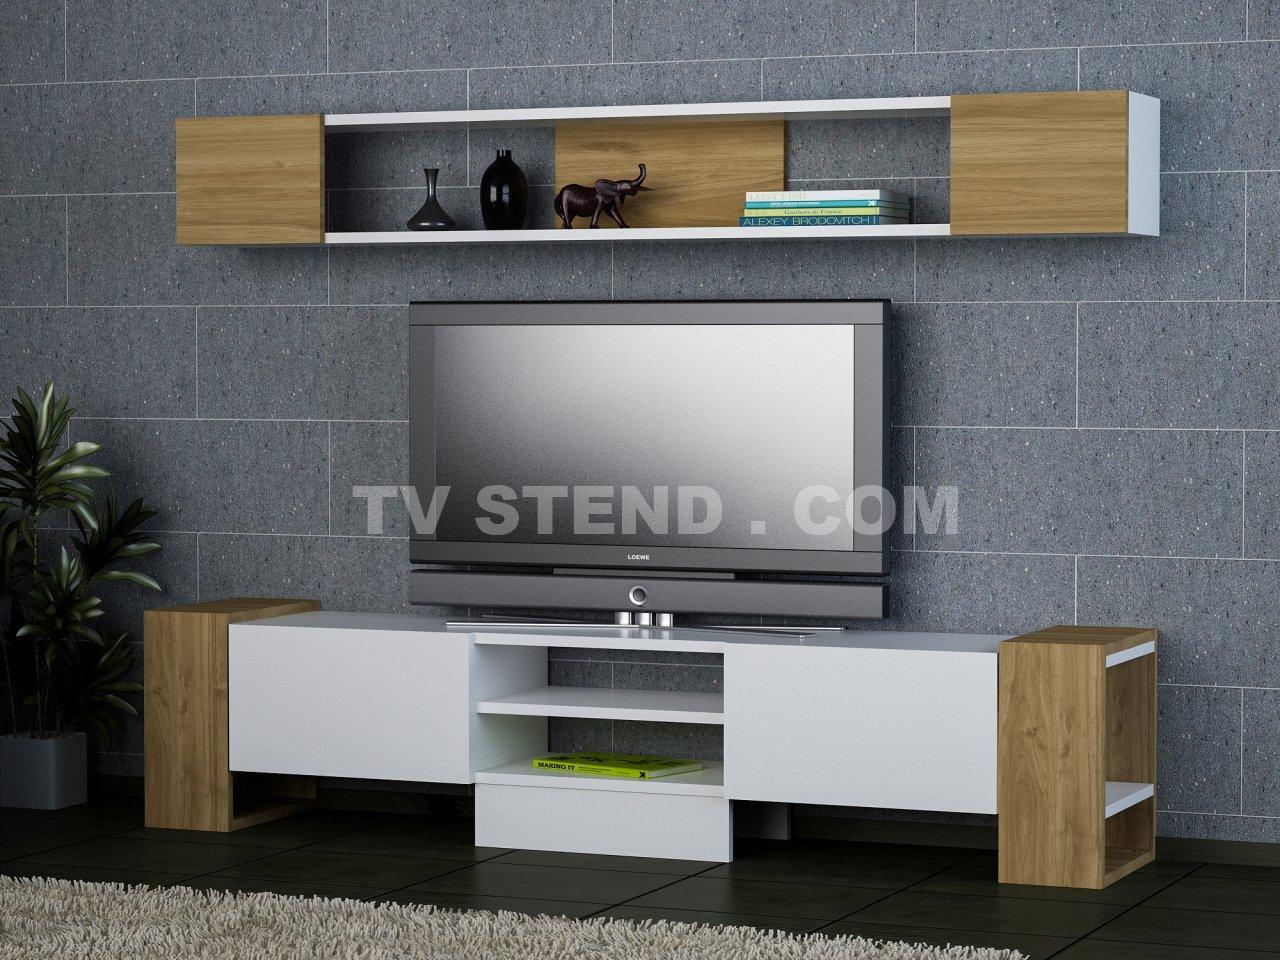 Sindi tv stend